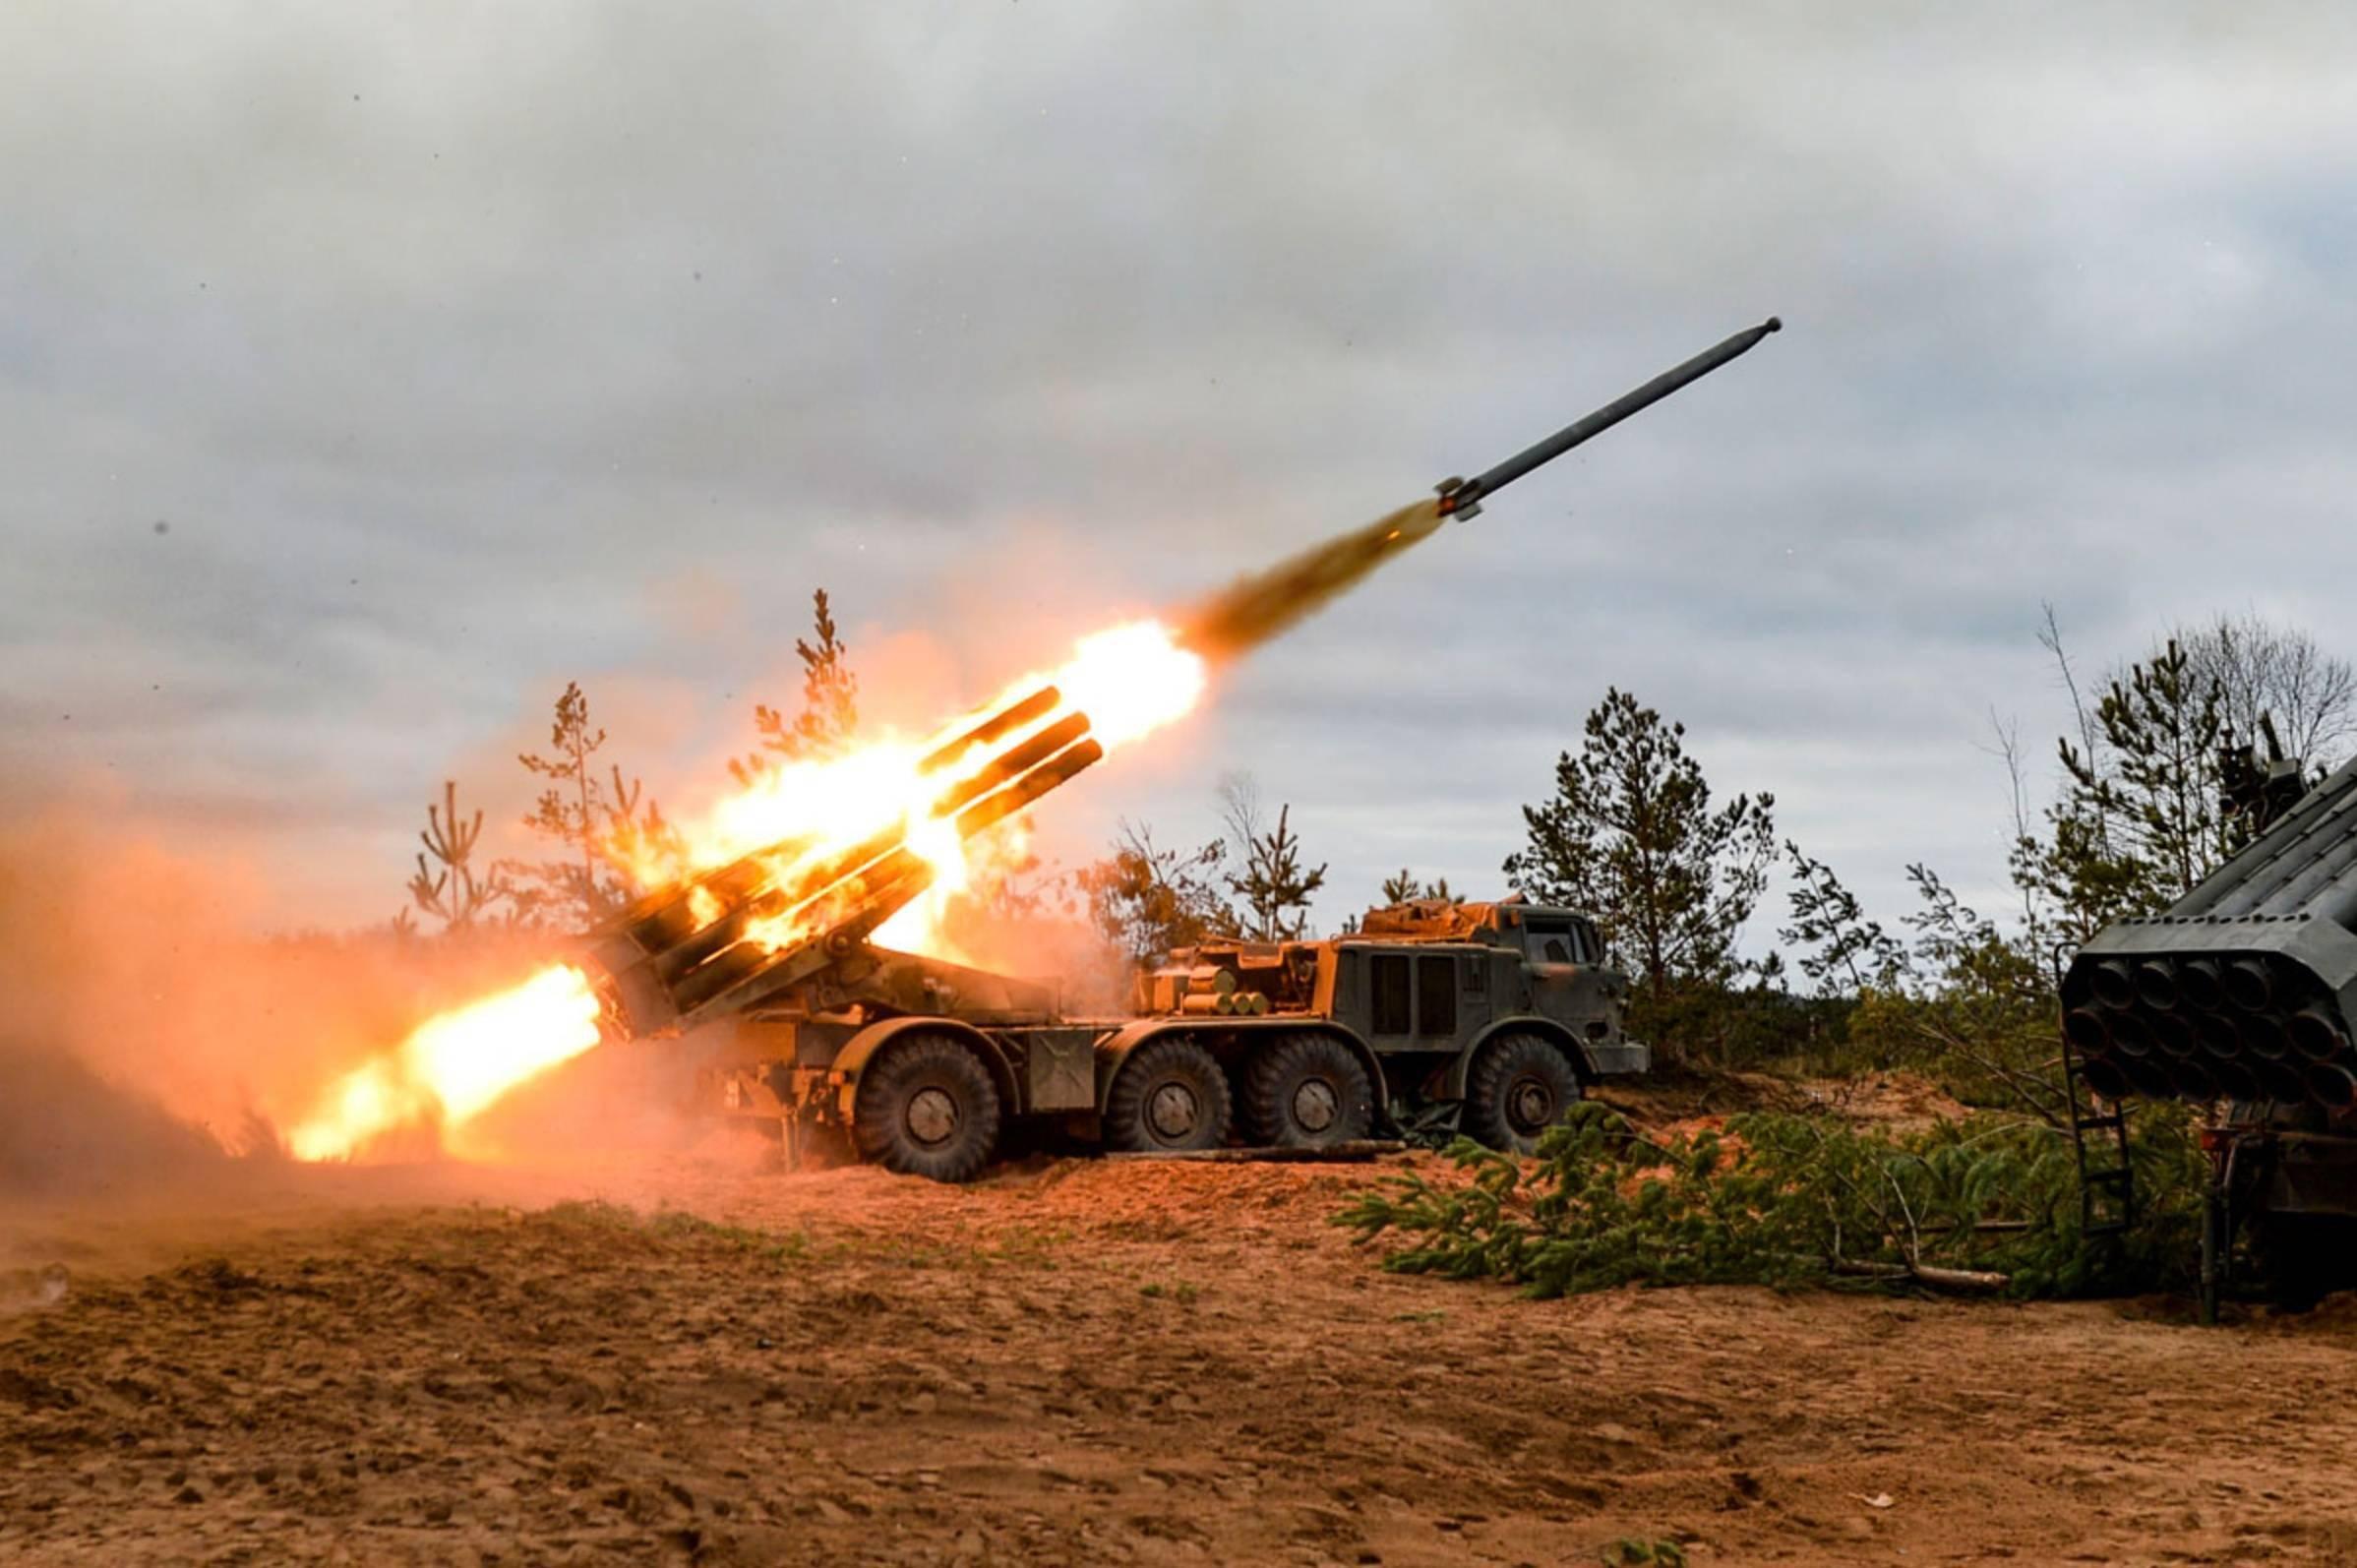 俄罗斯大军压境,乌克兰瑟瑟发抖!美国警告:俄军必将有大动作